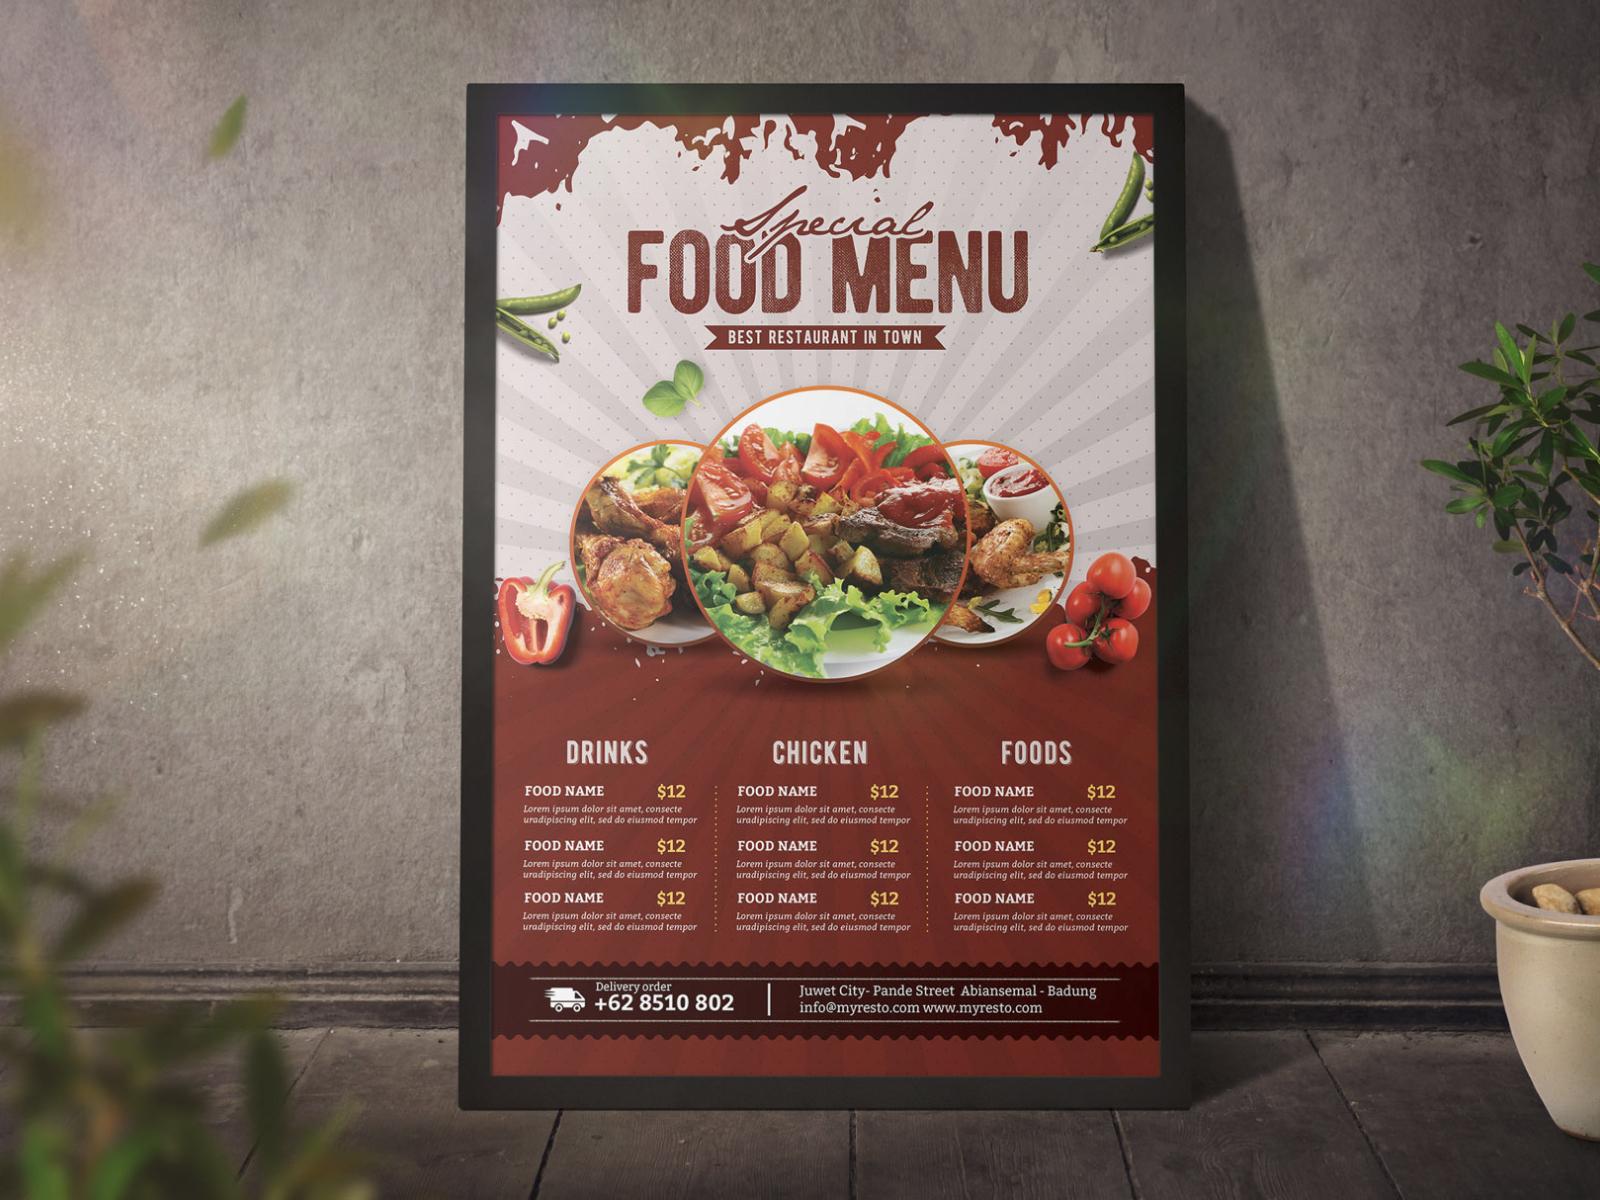 Food Menu Poster Template cover image